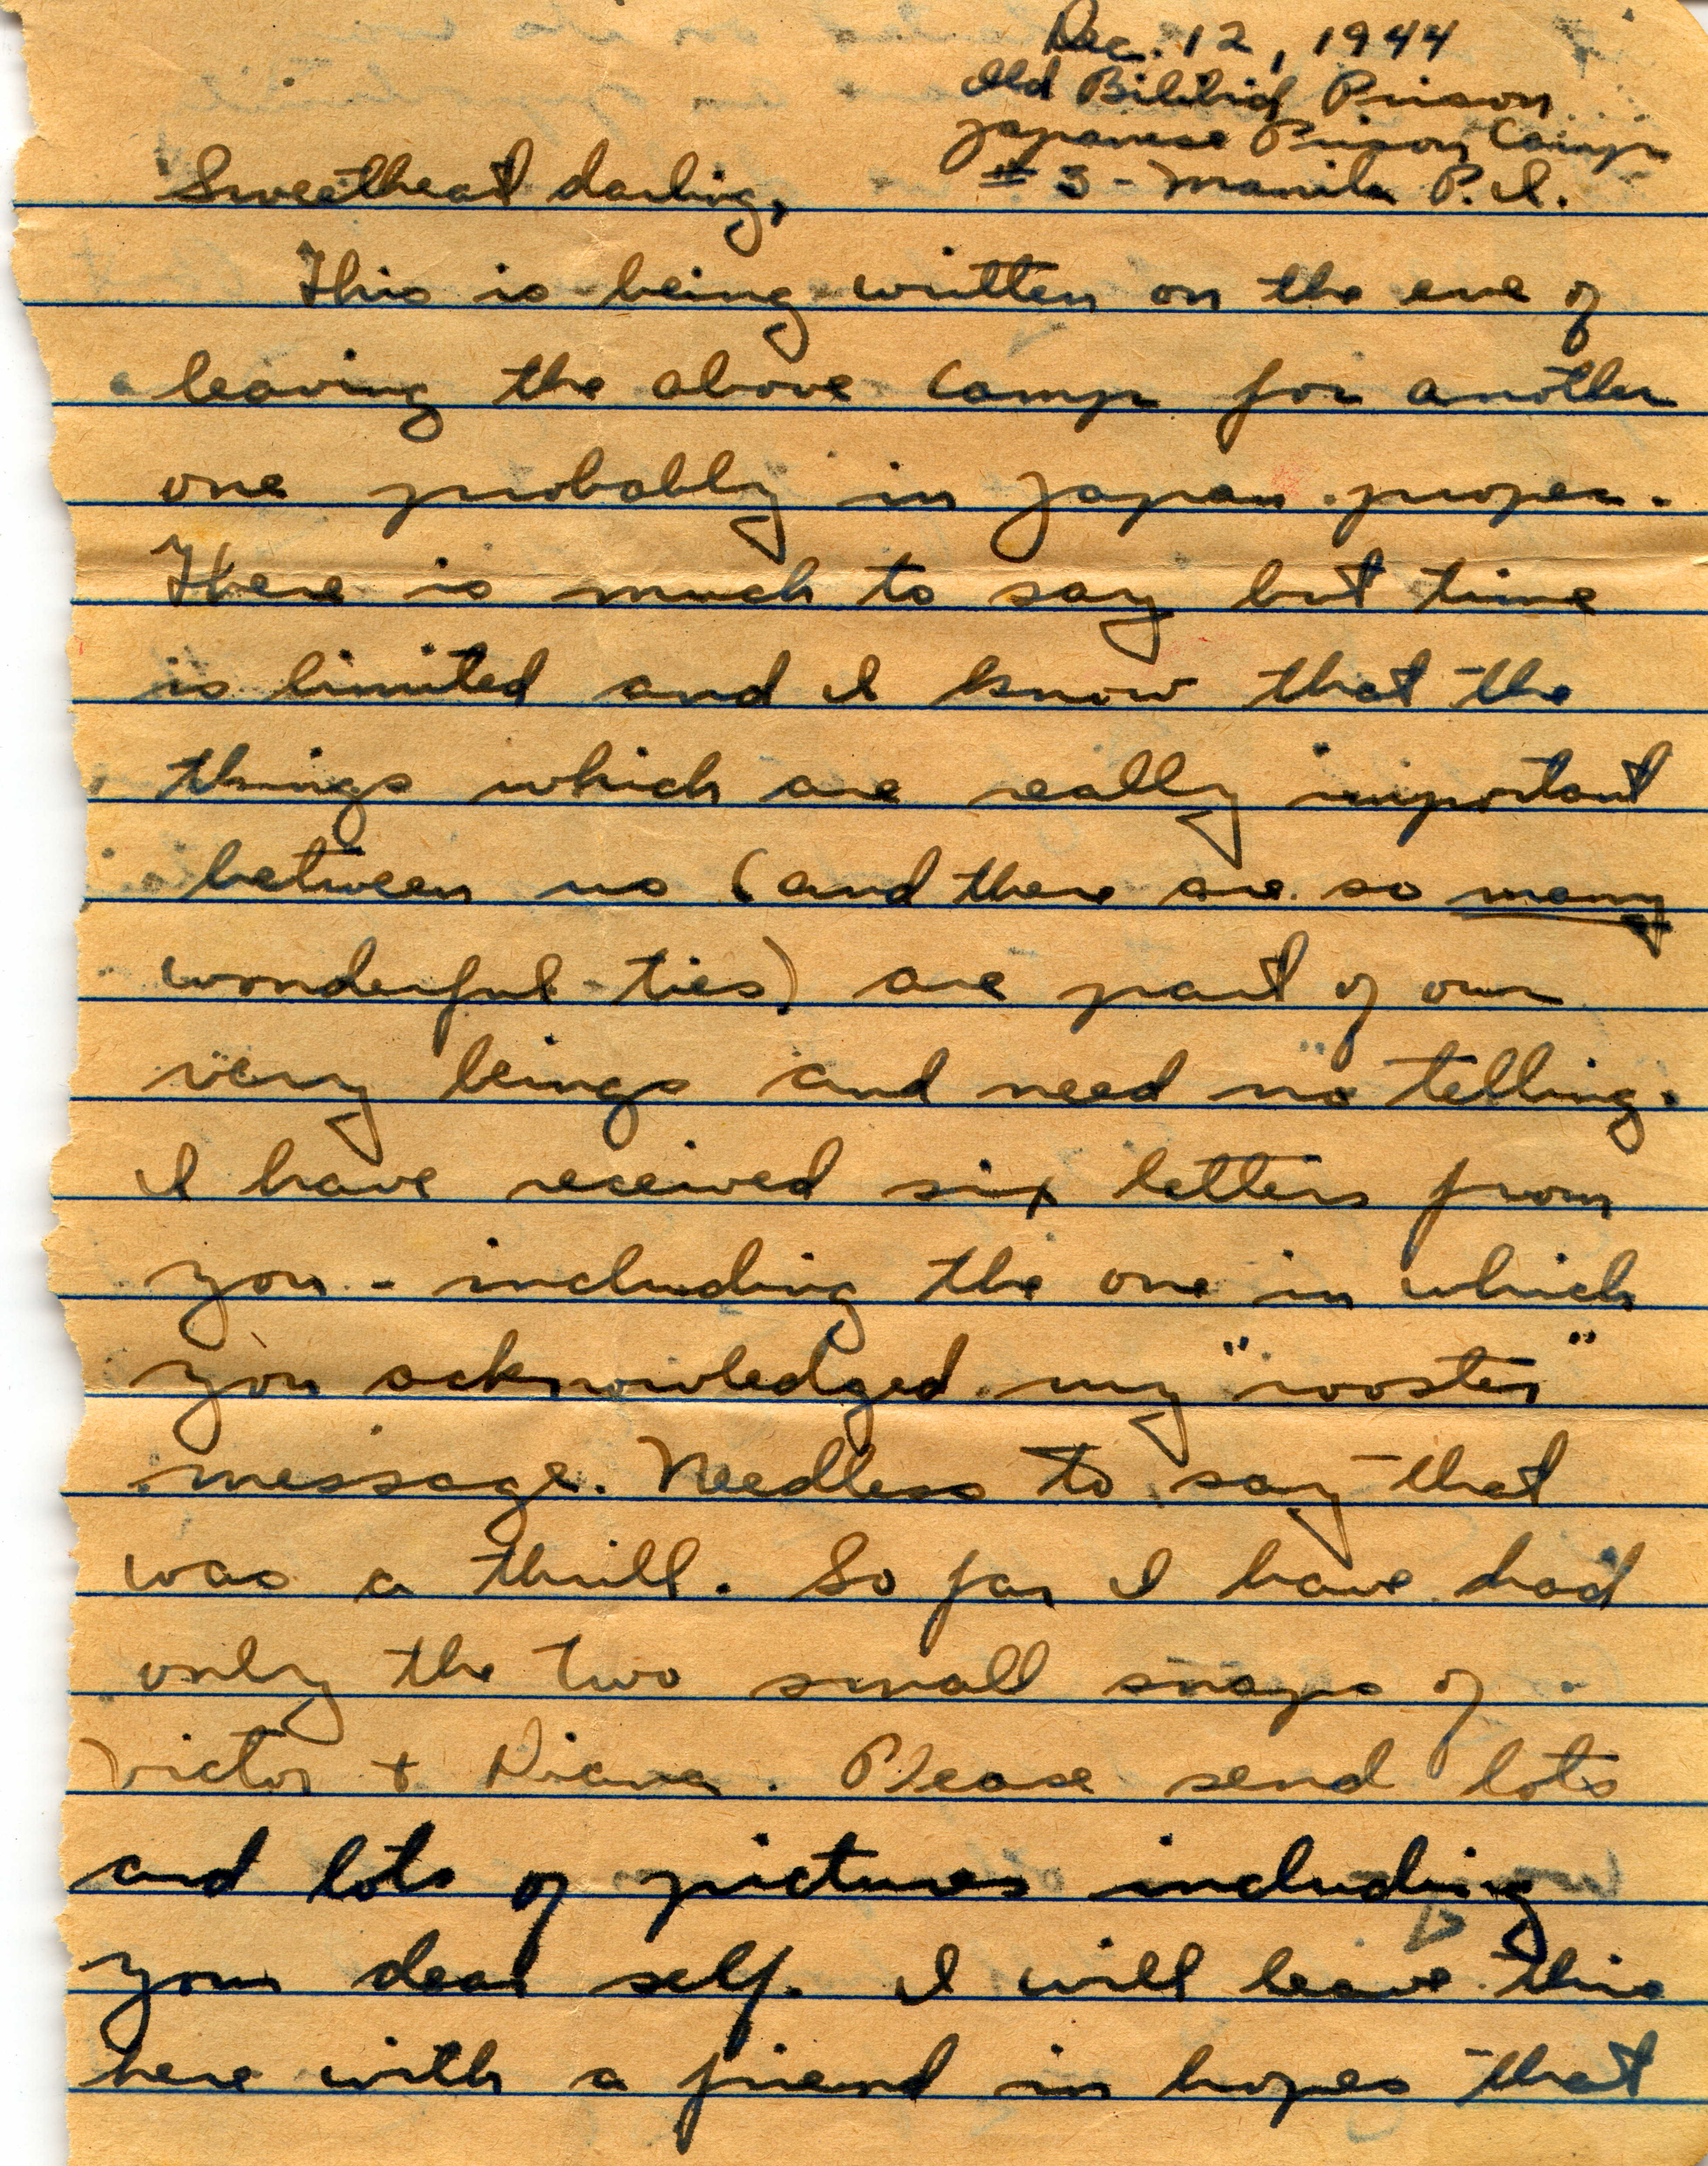 Last Letter written on December 13, 1944